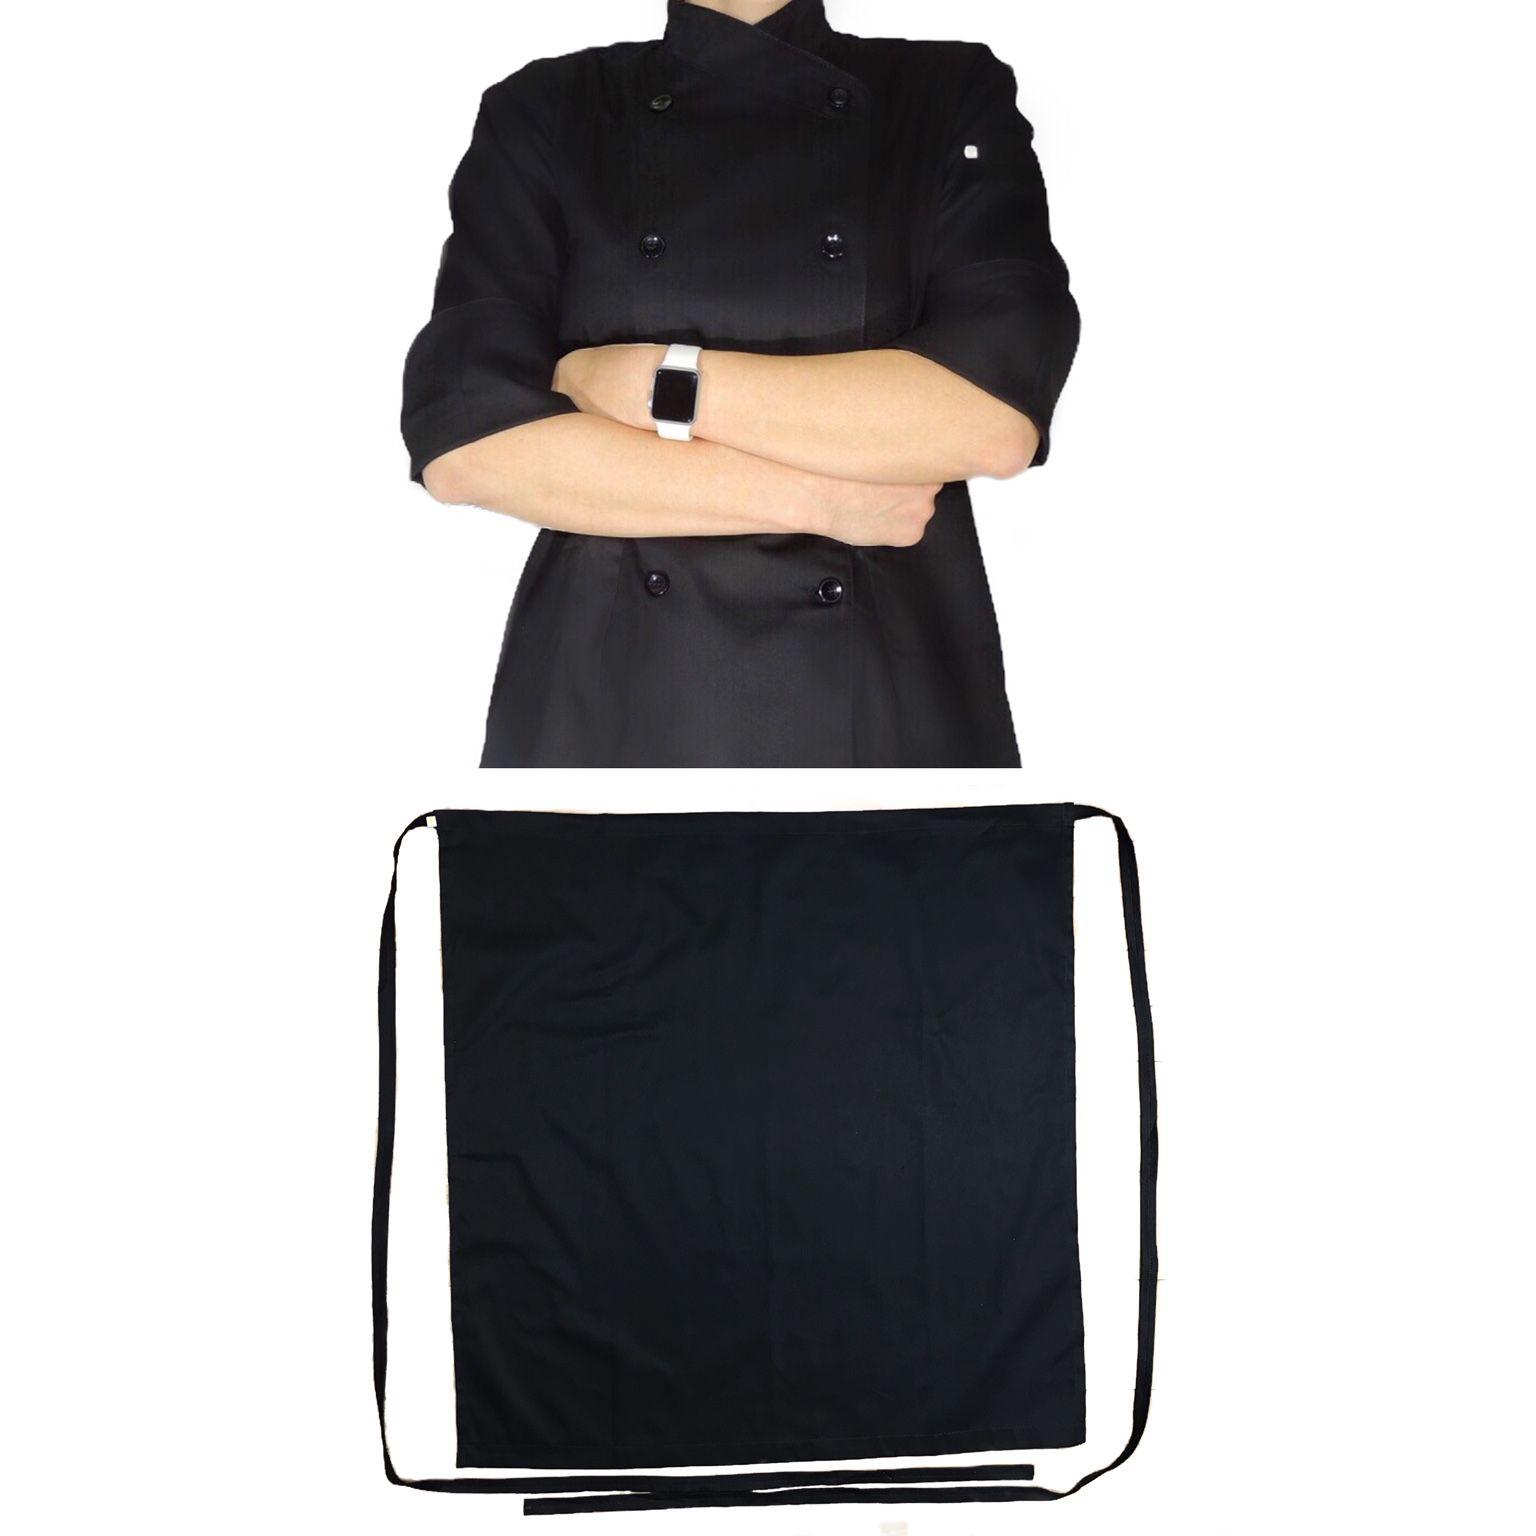 KIT PROMOCIONAL  Dólmã Cecilia Feminina Acinturado PRETA com VIVO PRETO e botões PRETOS Sarja Leve 100% algodão + Avental 1 Frente PRETO